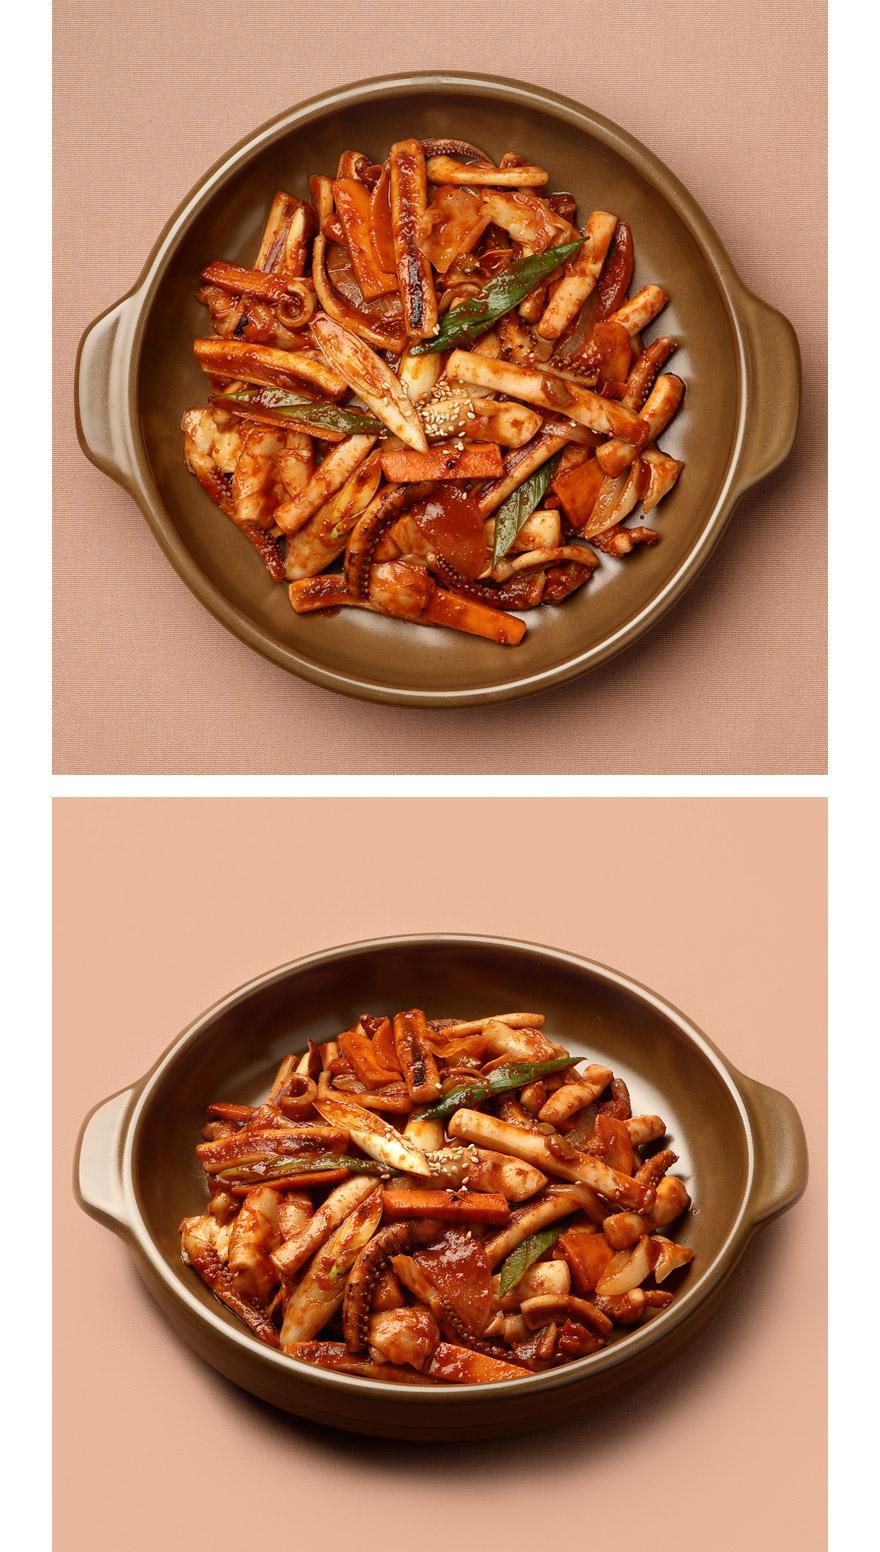 오징어 야채볶음 온 가족이 좋아하는 맛있는 오징어 야채볶음입니다. 쫄깃한 오징어와 야채가 양념과 함께 어우러져 입맛을 돋워줘요. 국내산 오징어, 싱싱한 야채들까지 정성스럽게 준비했습니다. 달궈진 팬에 빠르게 볶아내면 탱글탱글한 오징어볶음이 완성되죠. 오징어 야채볶음 하나만 있어도 다른 반찬이 필요 없답니다. 취향에 따라 매콤한 청양고추나 소면과 함께 즐기세요!